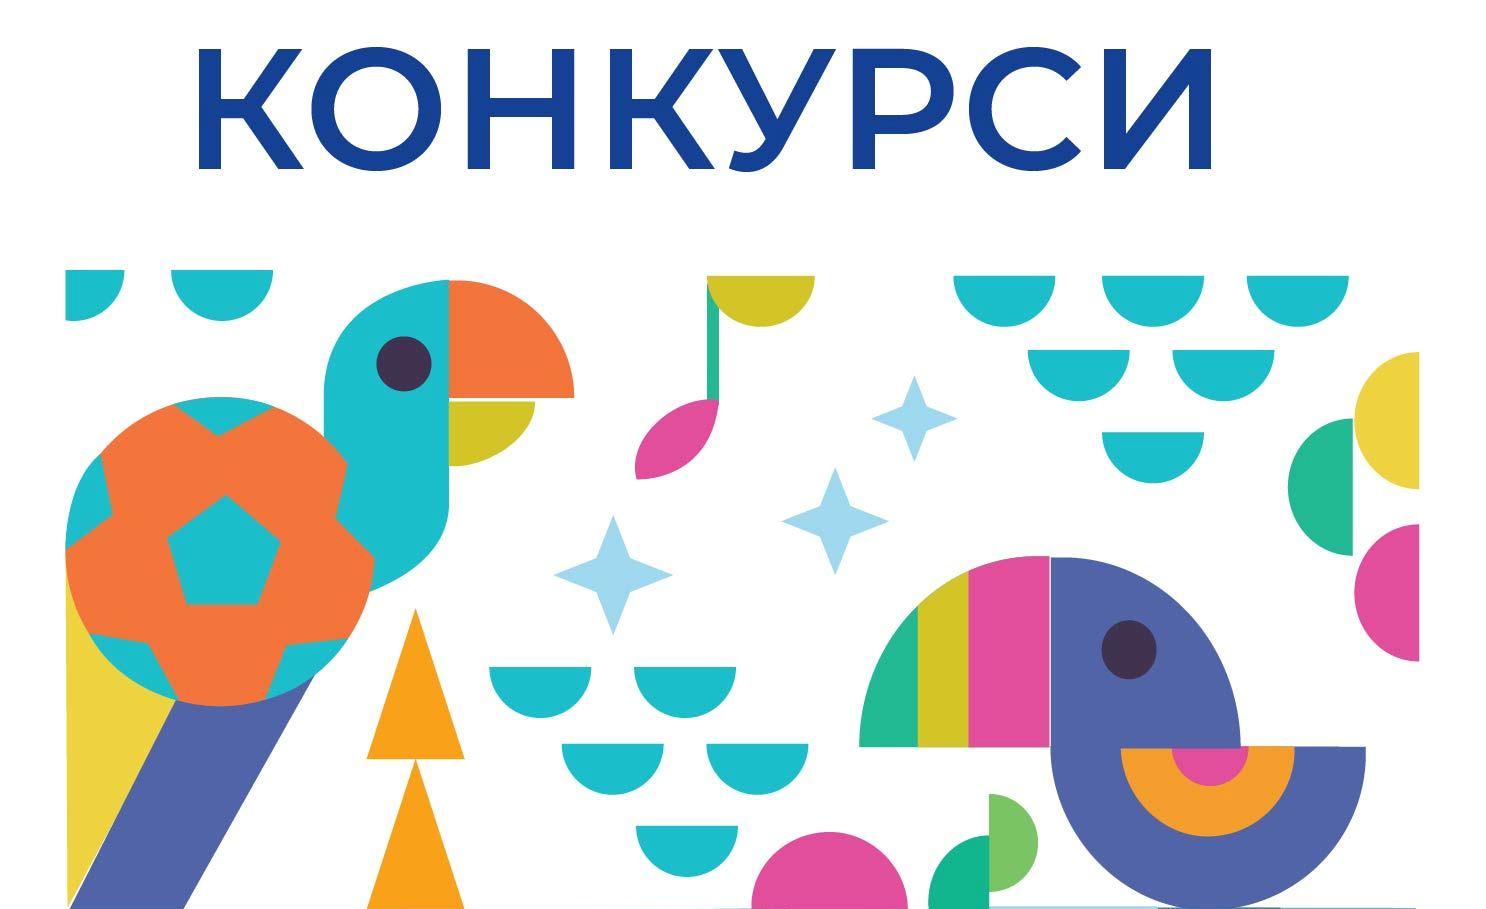 Ковельчан запрошують до участі у конкурсах, організованих Програмою Транскордонного співробітництва Польща-Білорусь-Україна 2014-2020